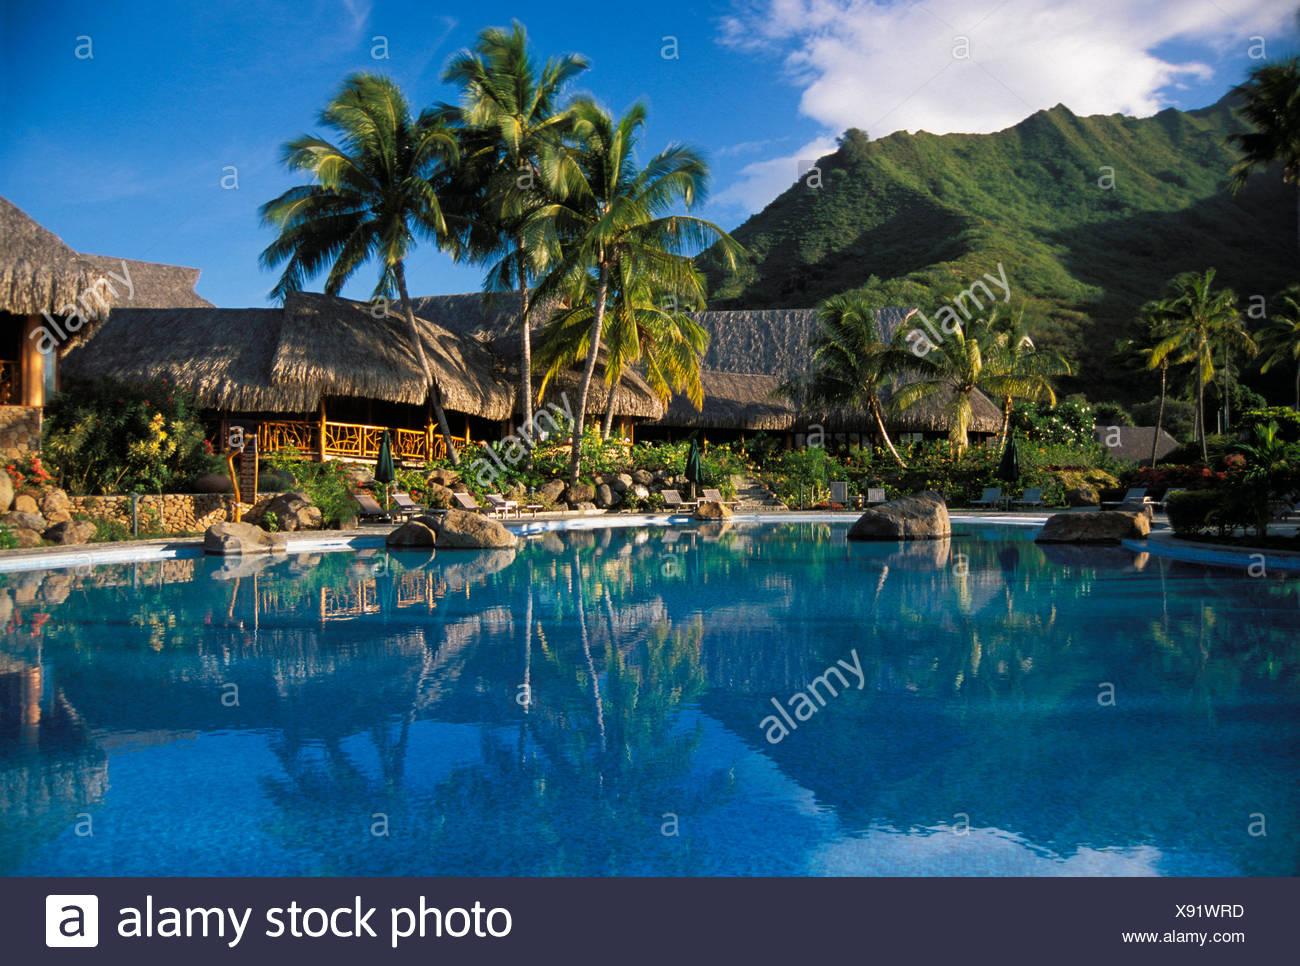 French Polynesia Moorea Sheraton Pool Side View Of Bungalows 1300x966